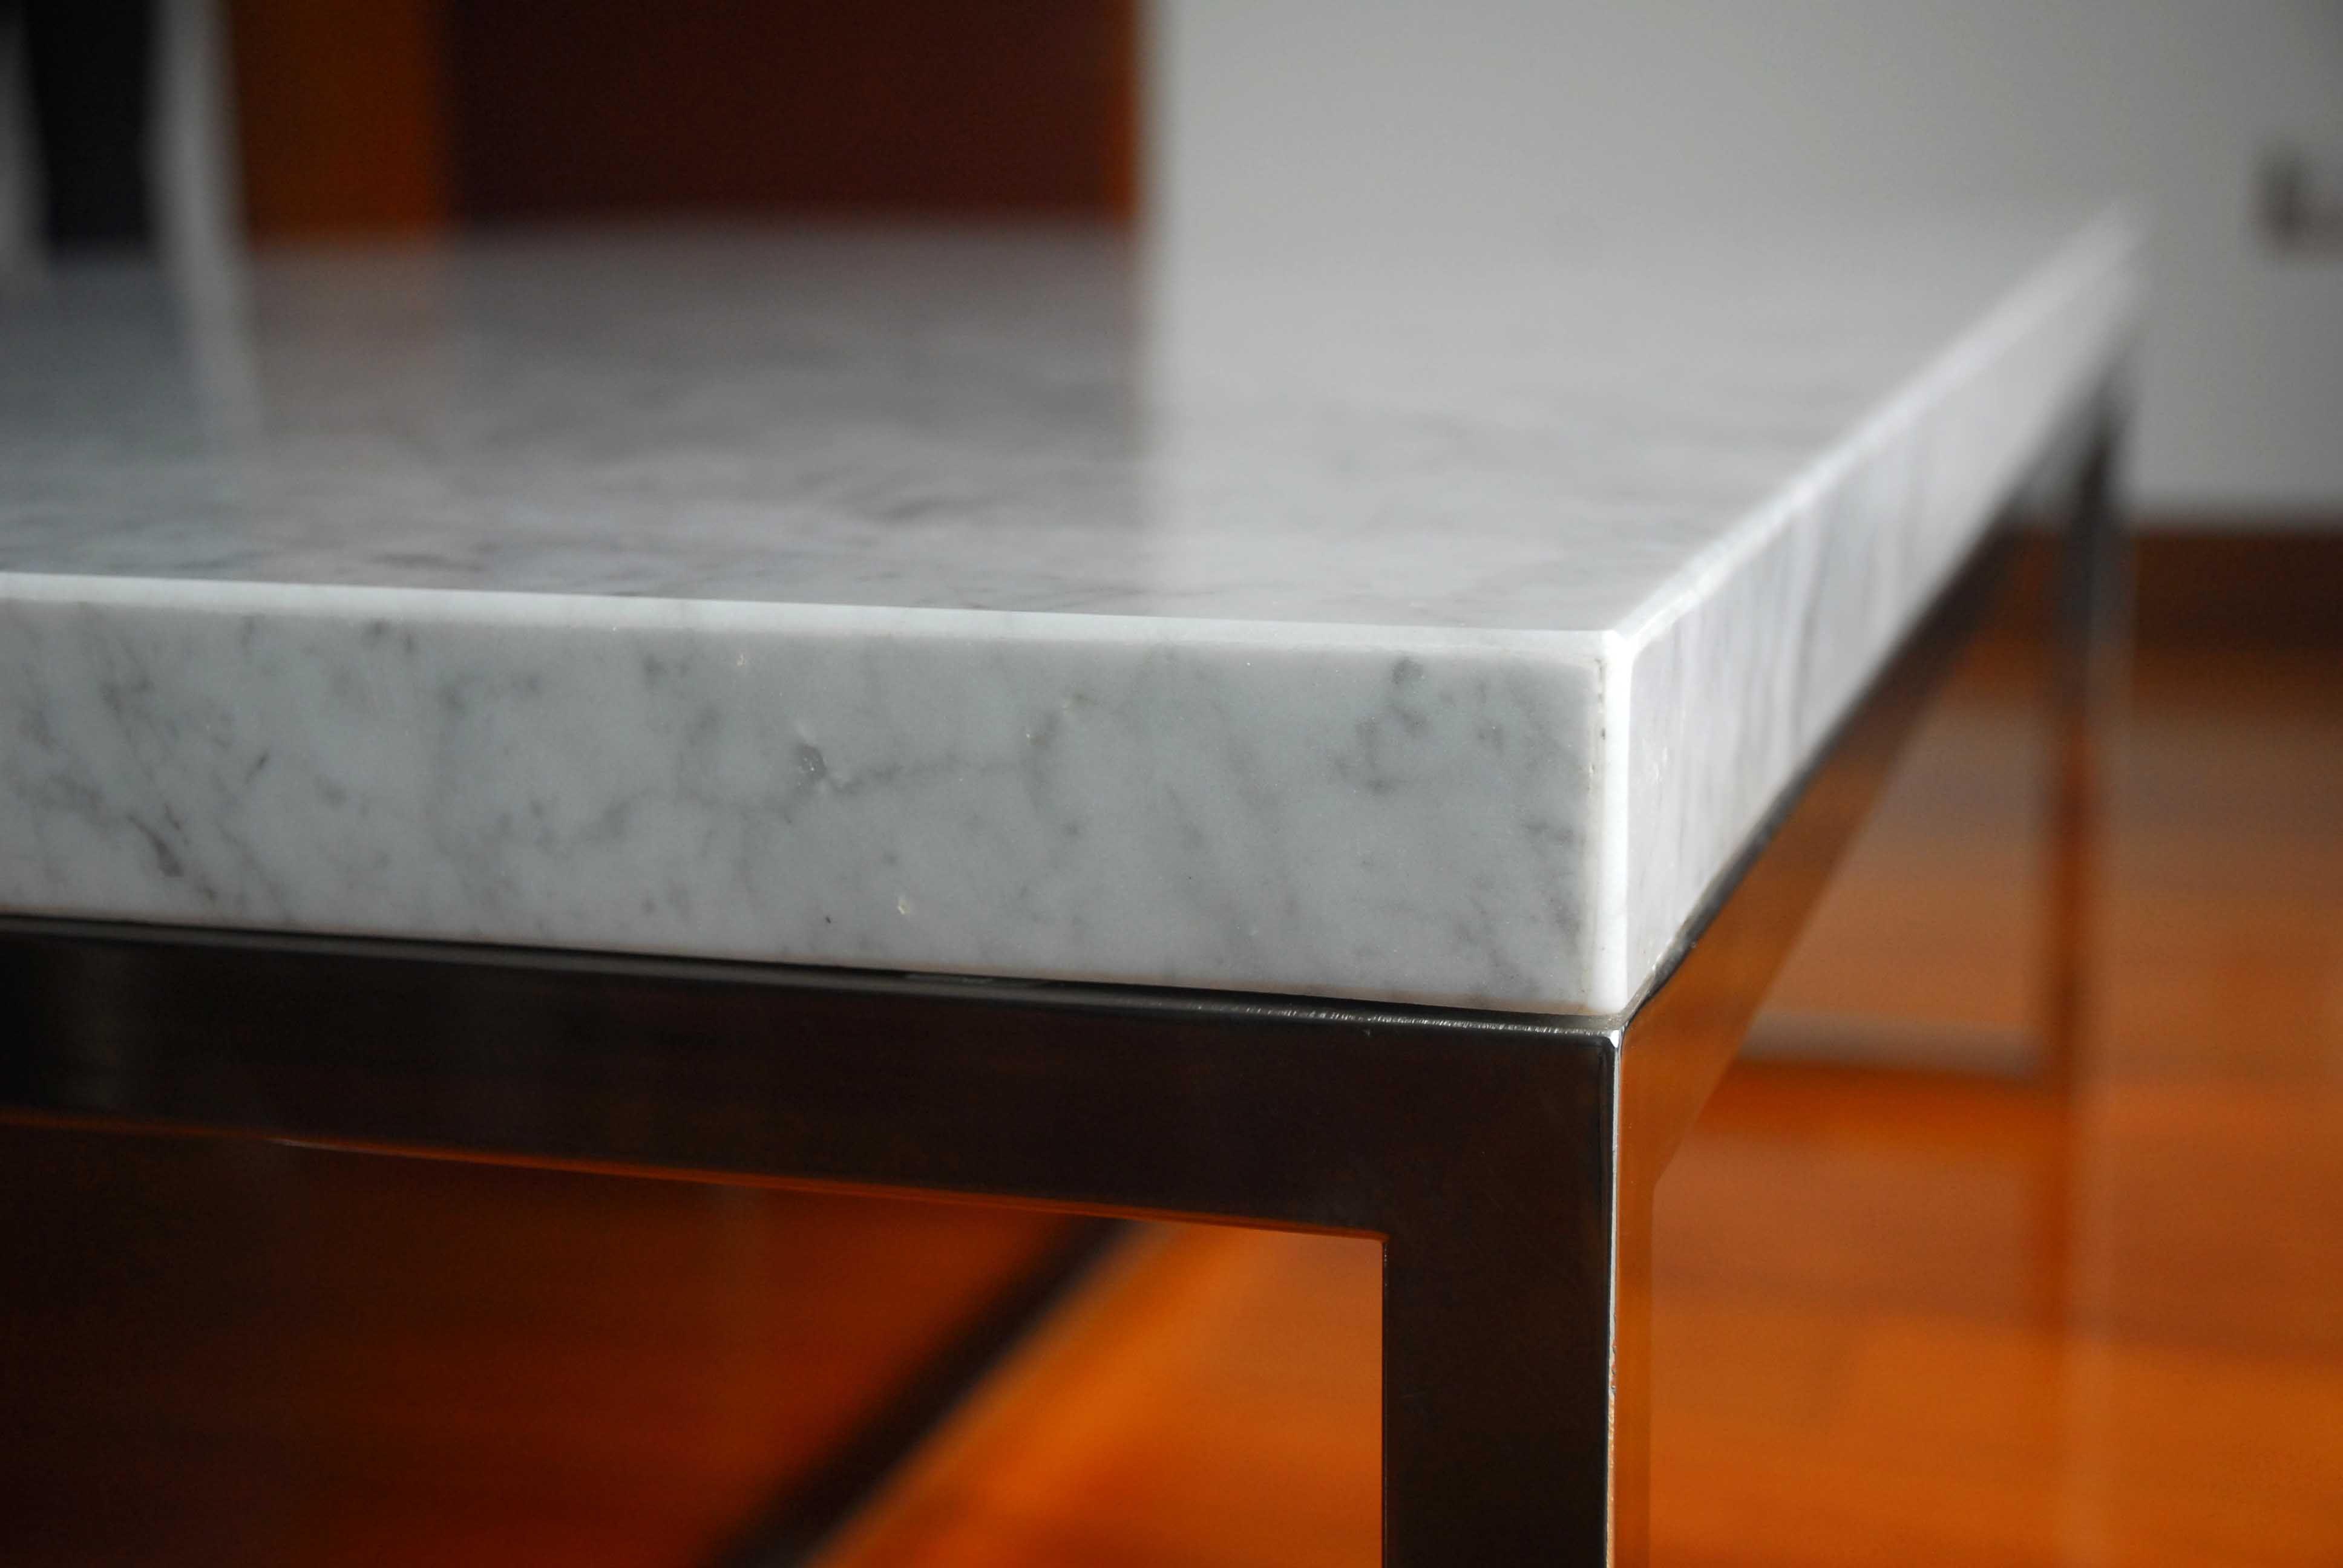 mesa de centro, marmol carrara y acero inoxidable | jardin